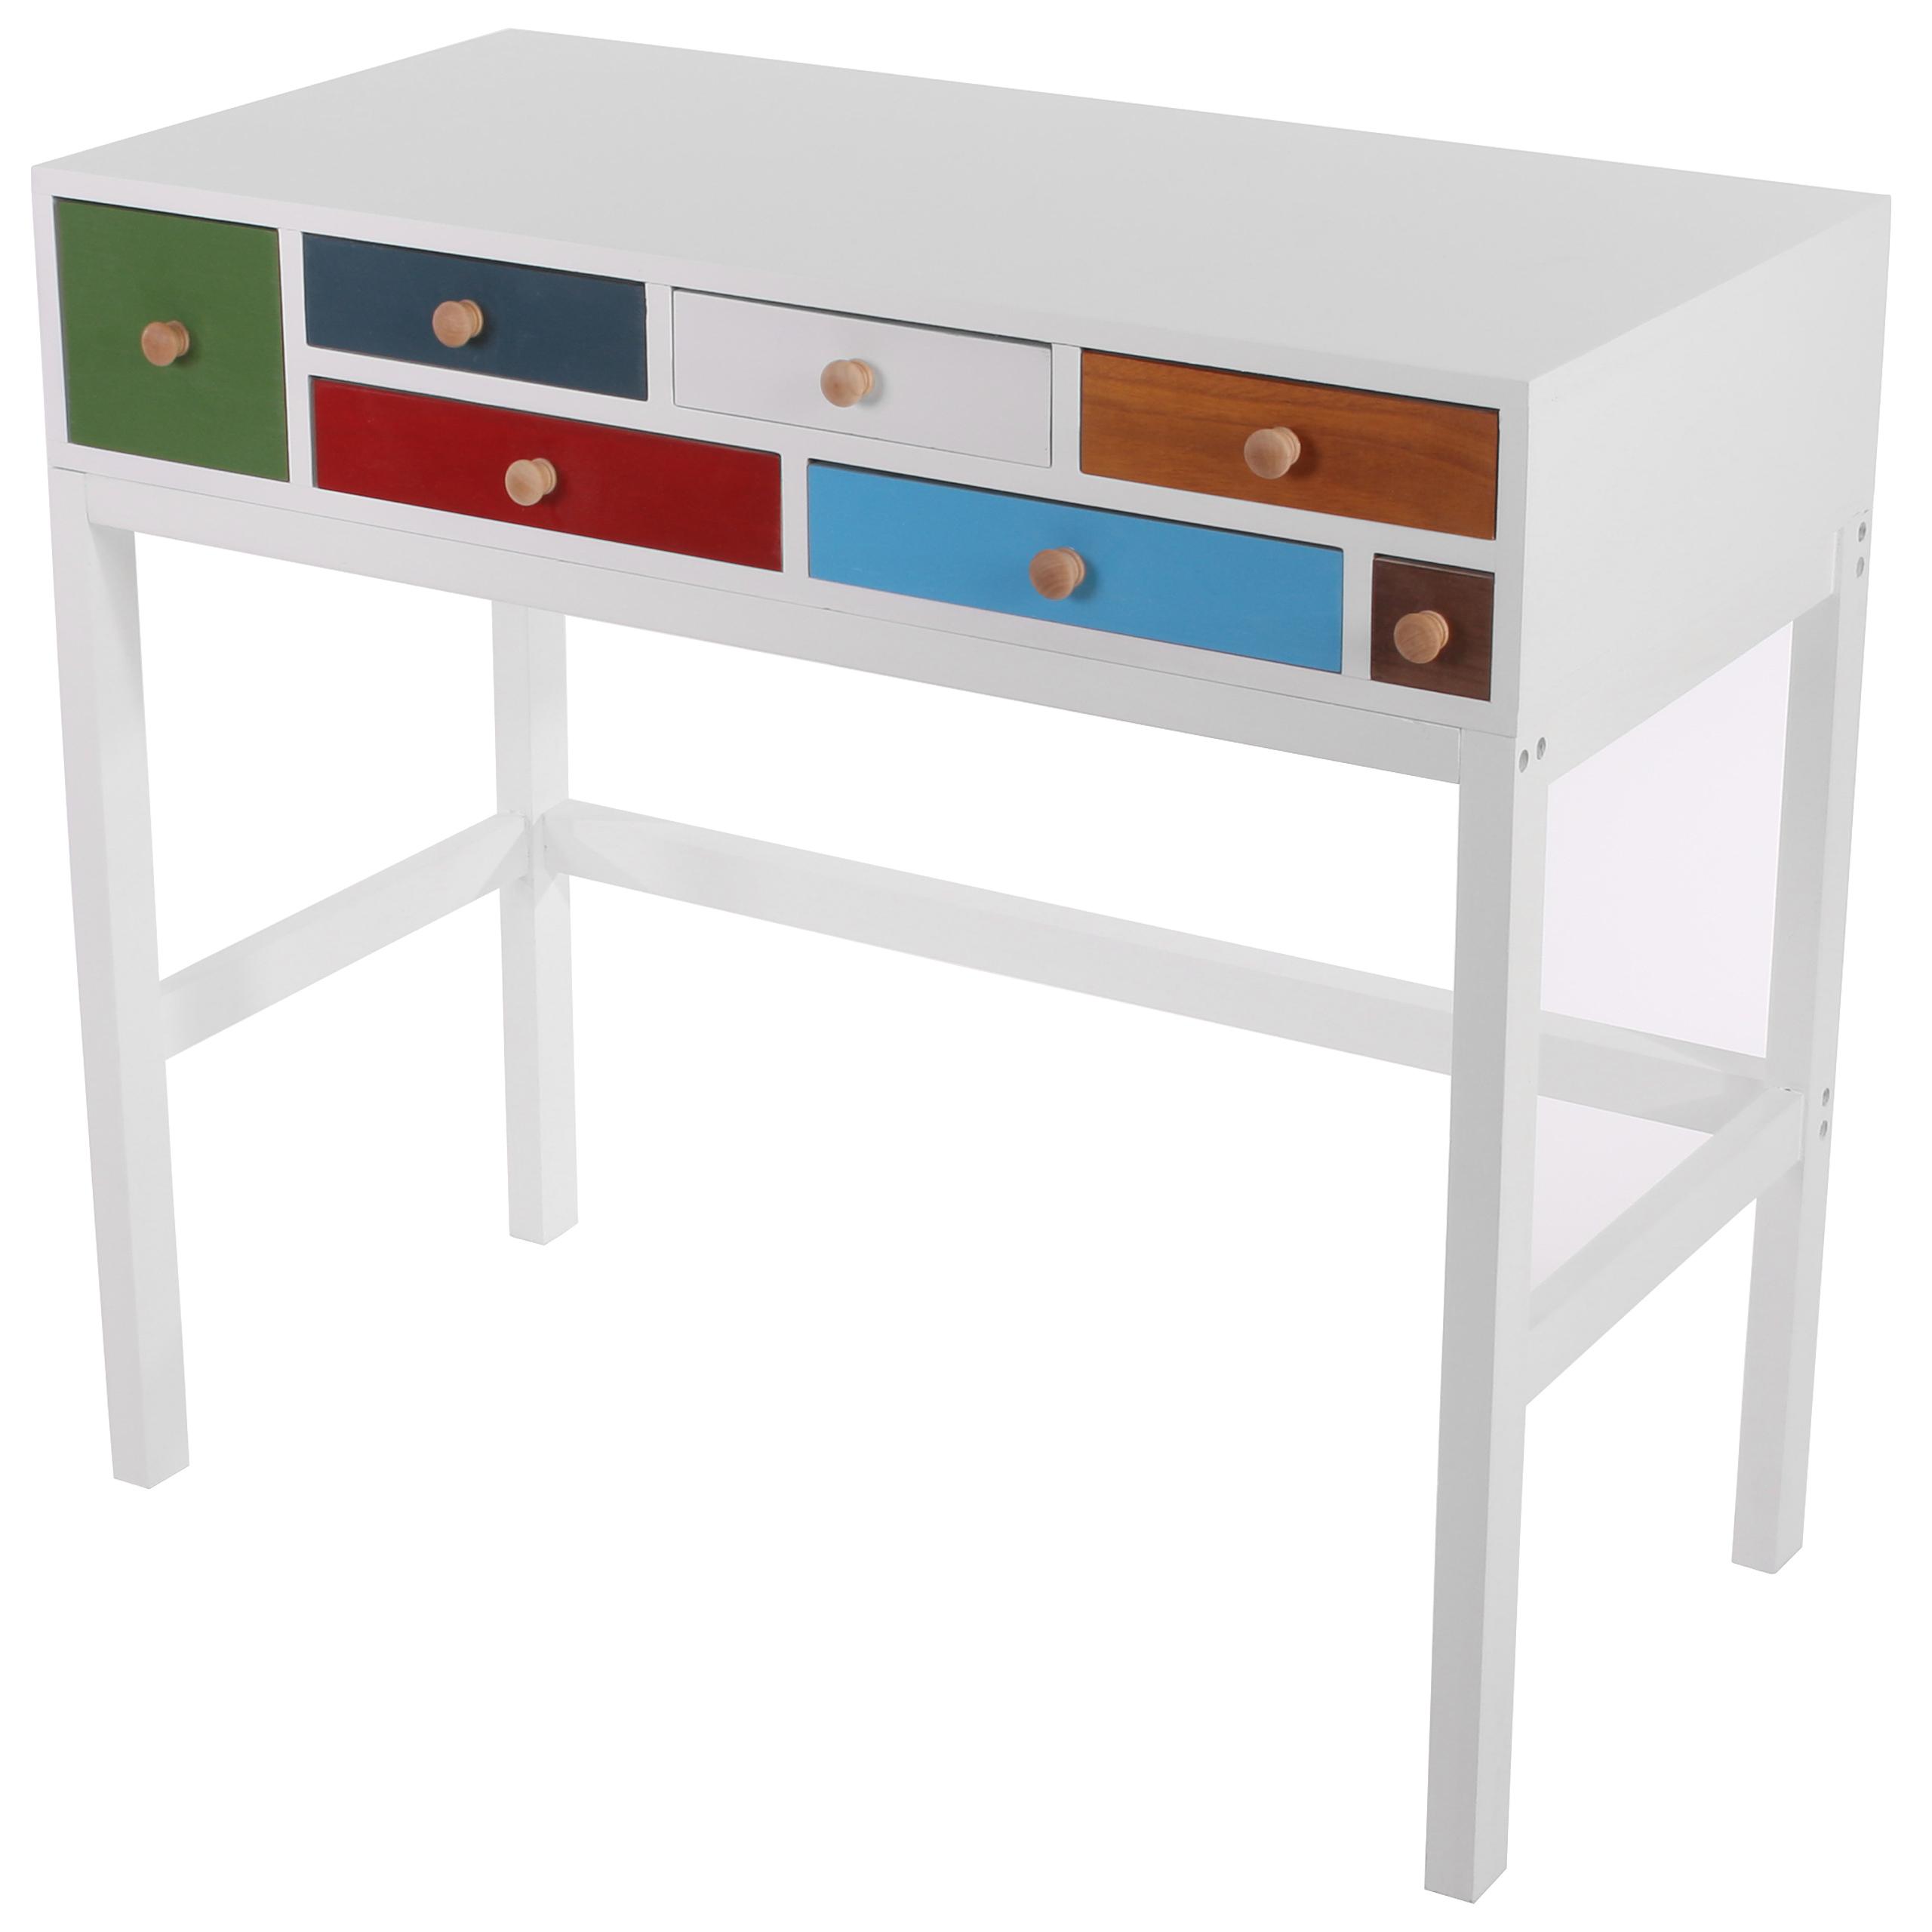 Sideboard kommode tisch 90x80x45cm patchwork ebay for Kommode tisch